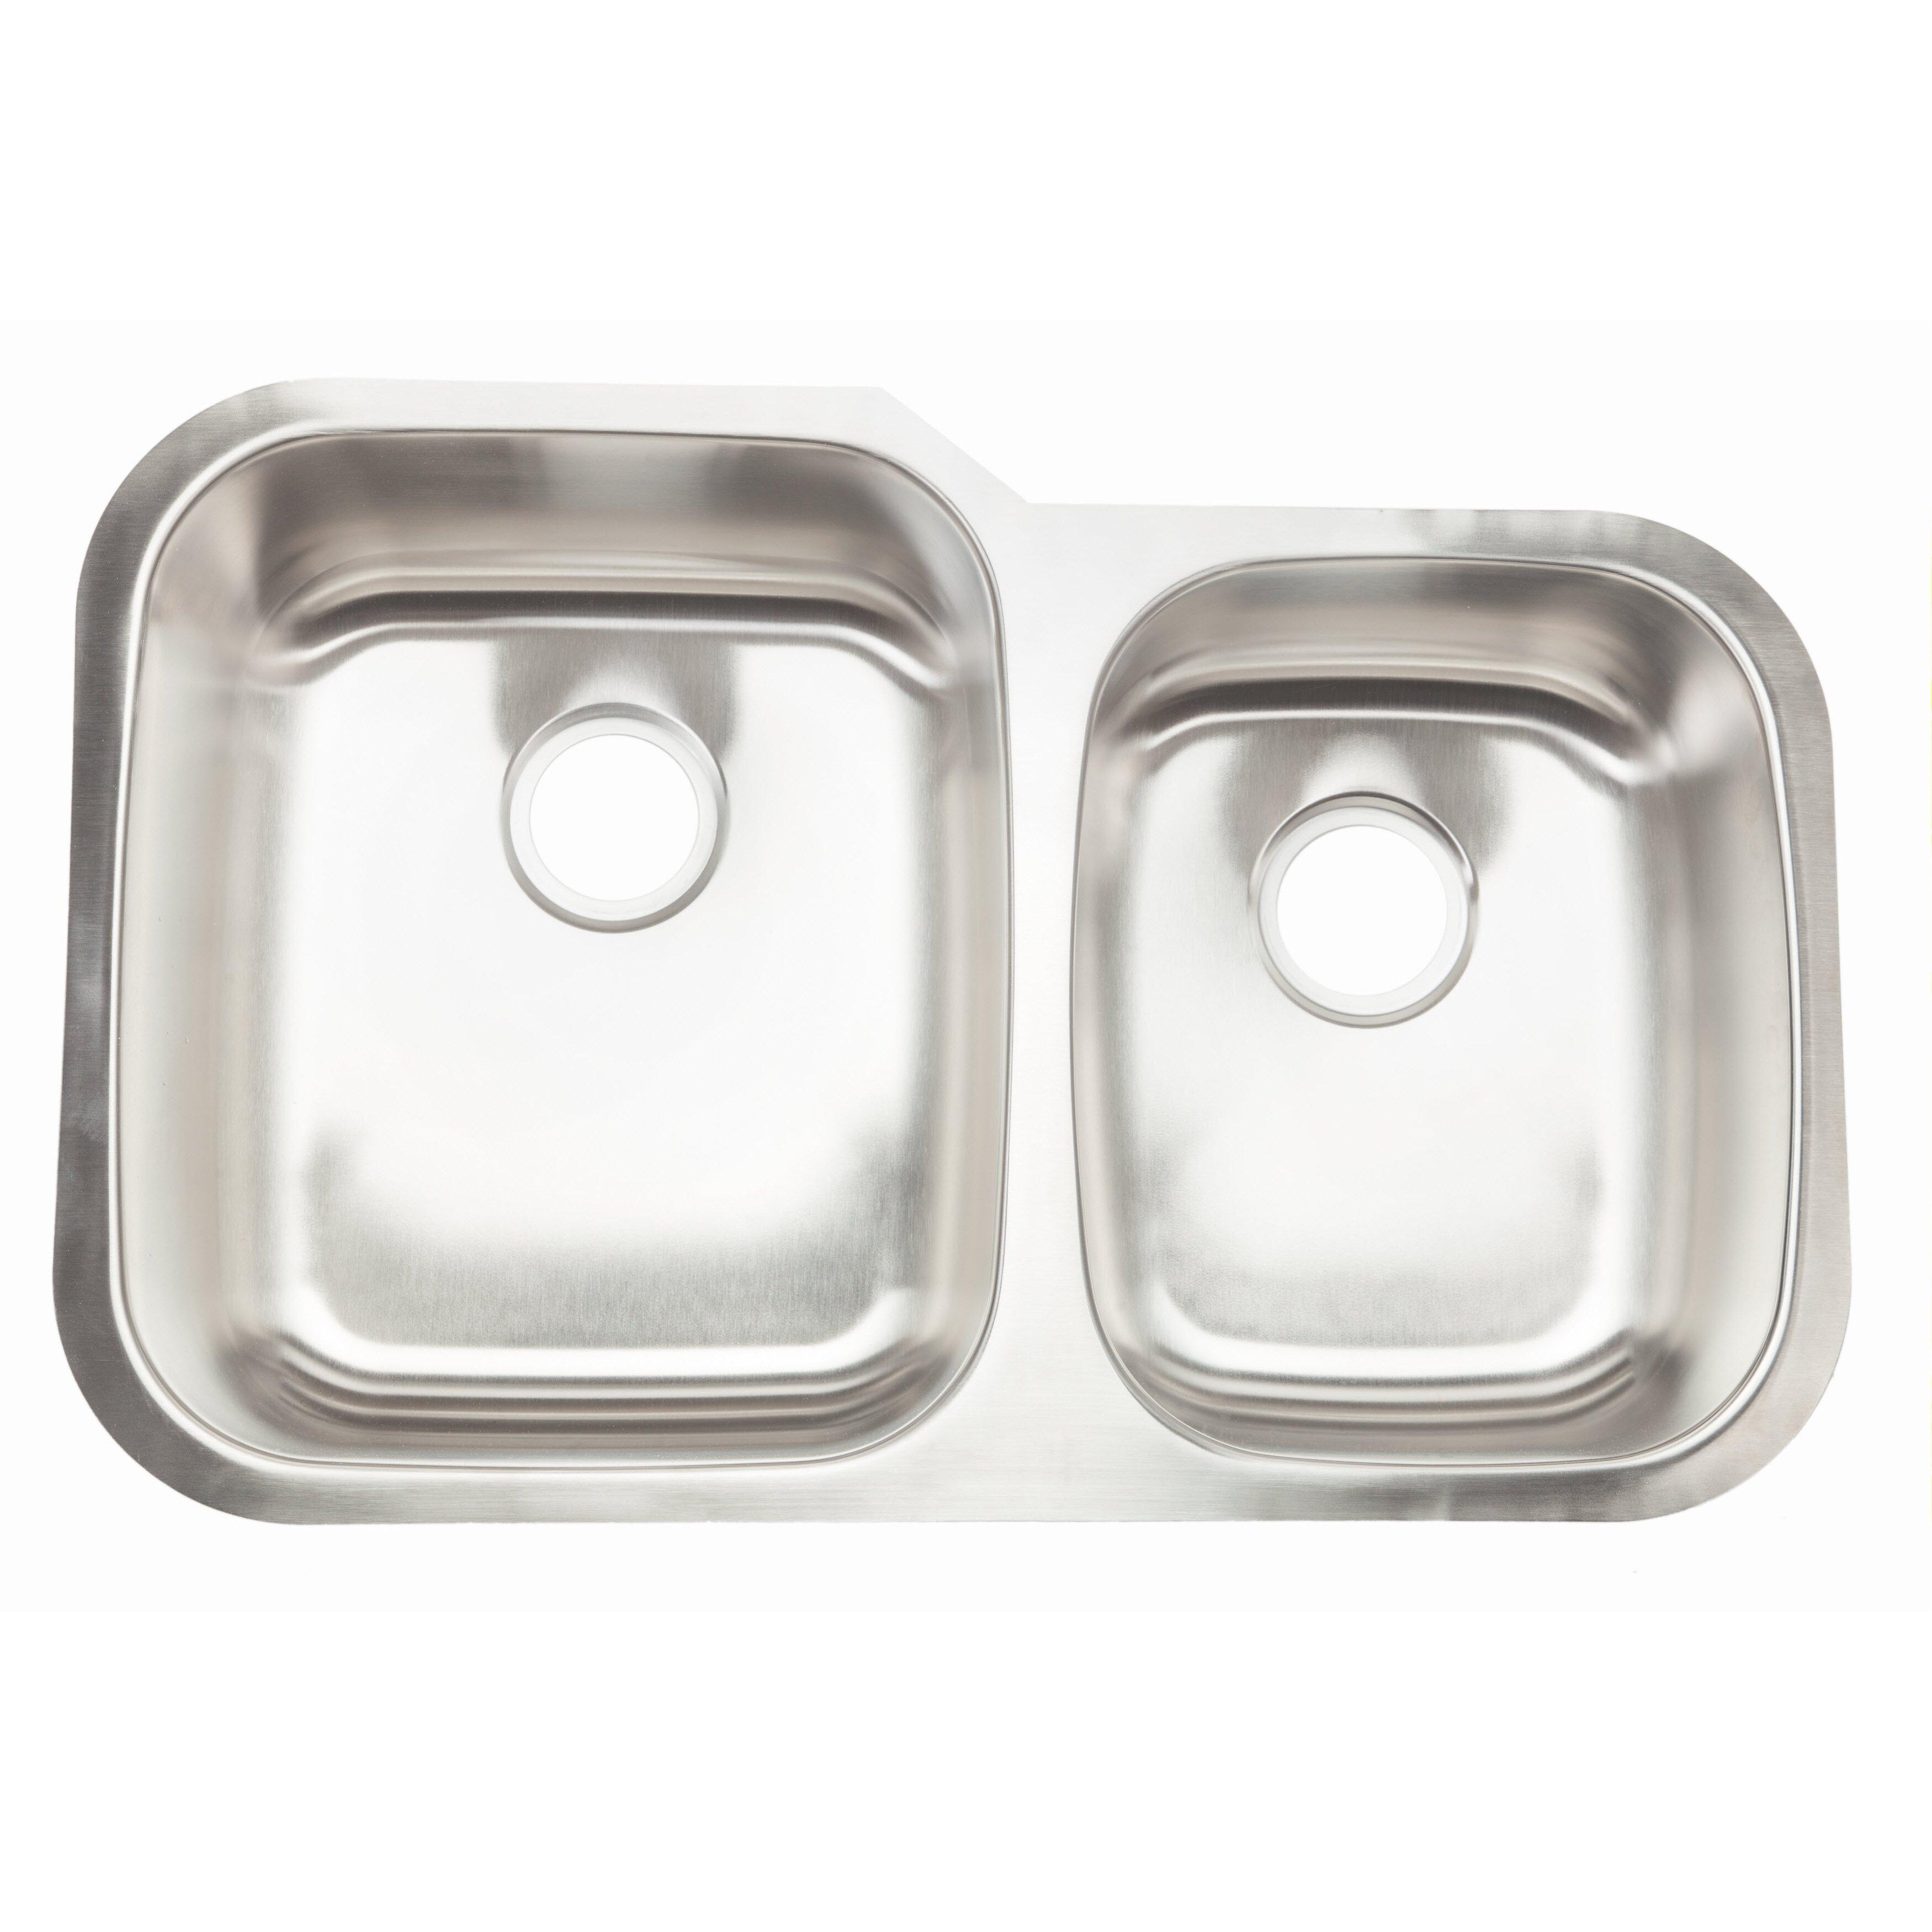 Hahn Classic Chef 32 x 20.63 Double Bowl Undermount Kitchen Sink